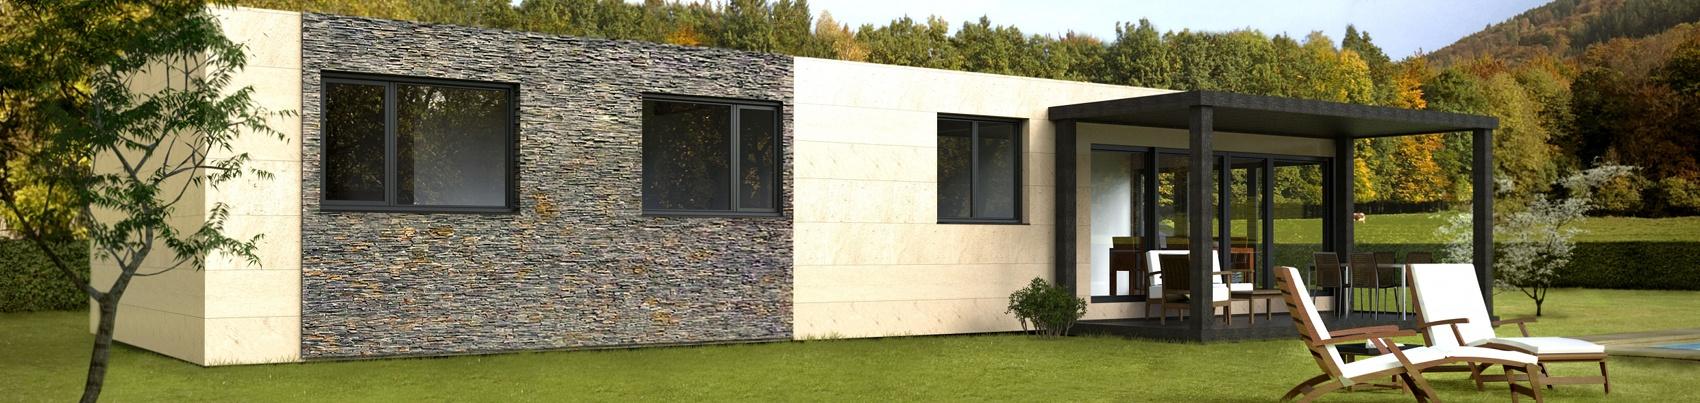 Cube 100 casas prefabricadas y modulares cube - Cube casas prefabricadas ...